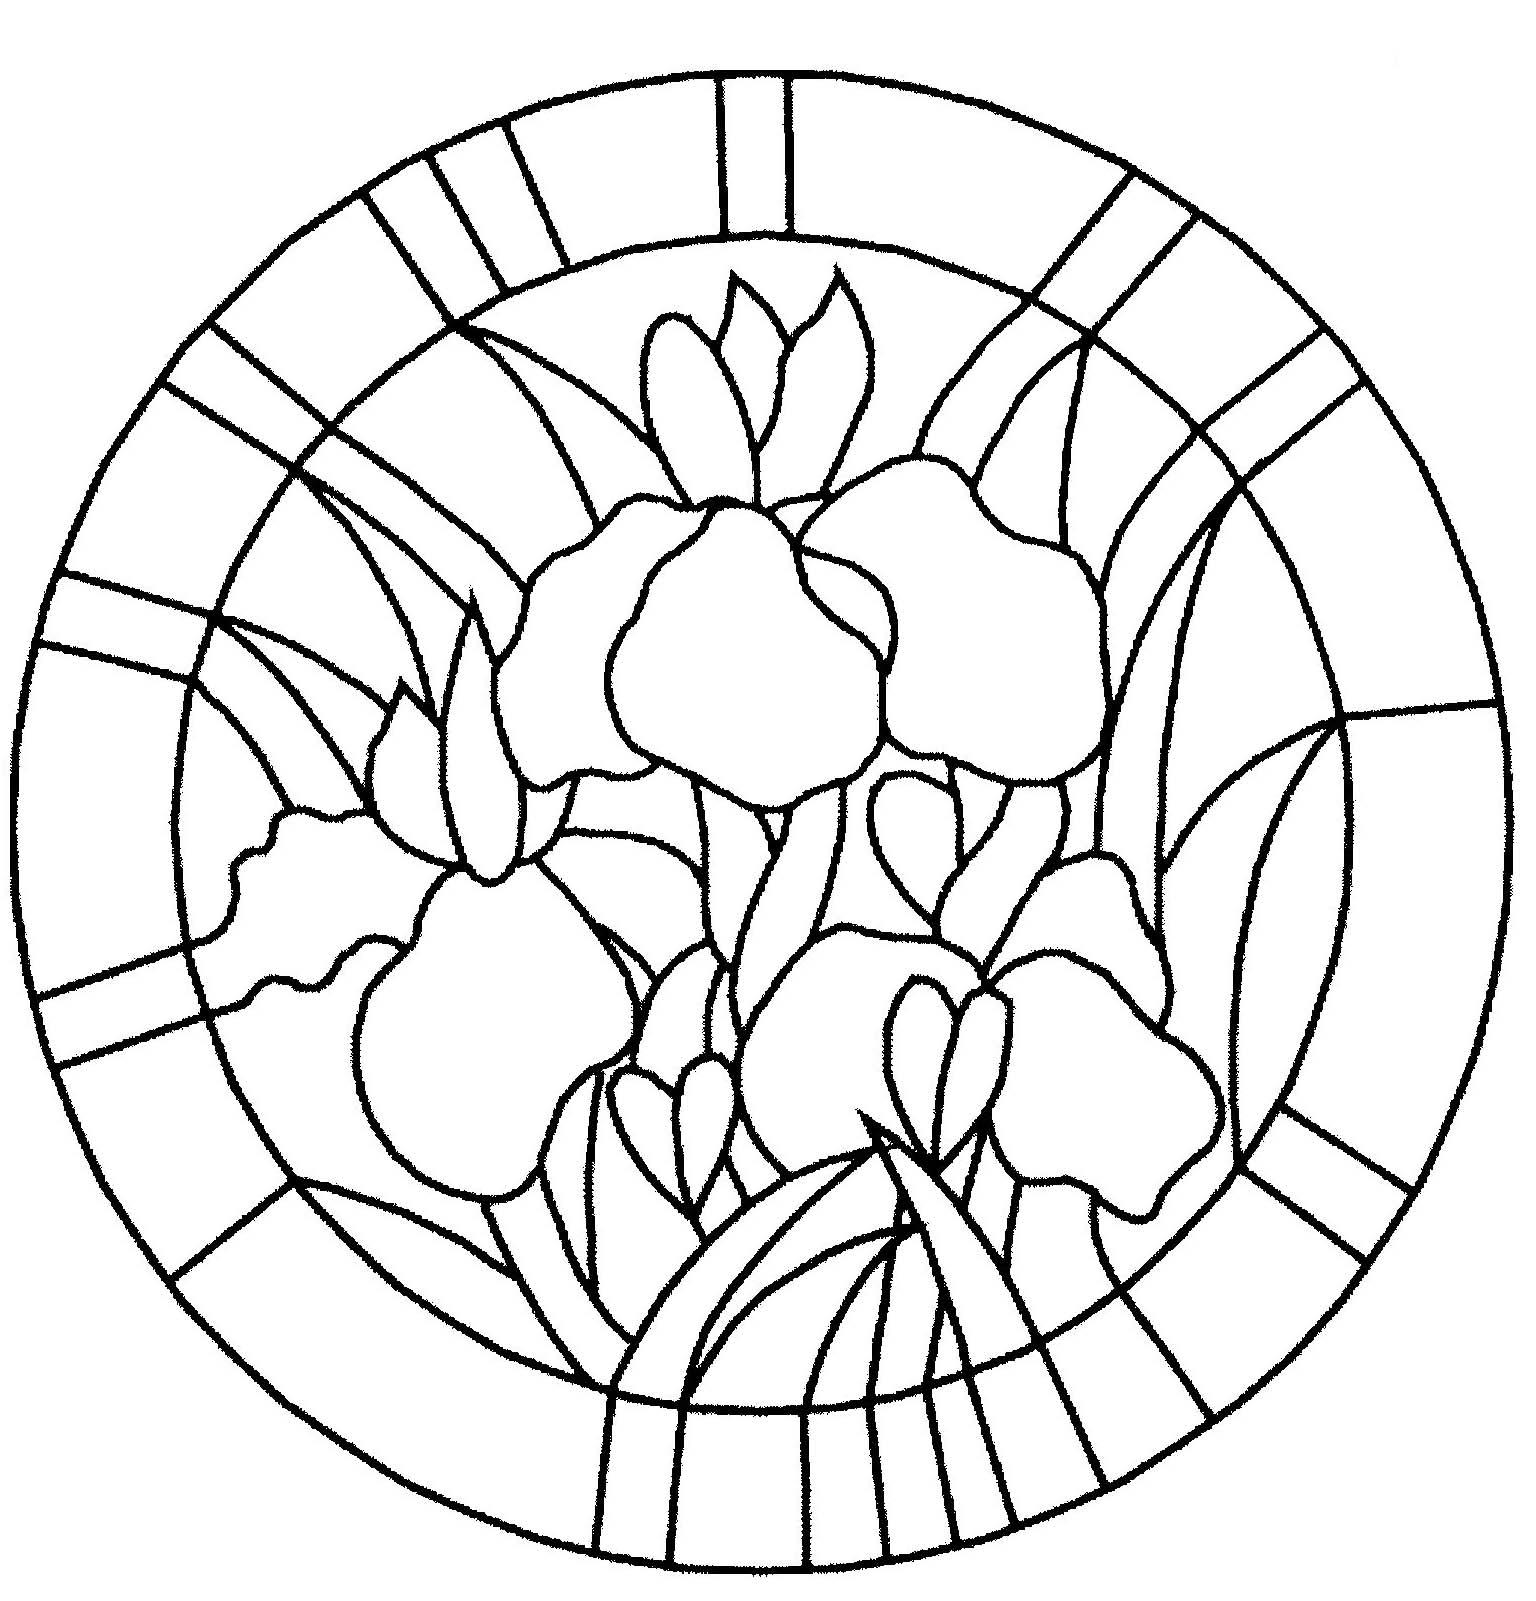 Coloriage Fleur De Nenuphar.Coloriage Bouquet De Fleurs